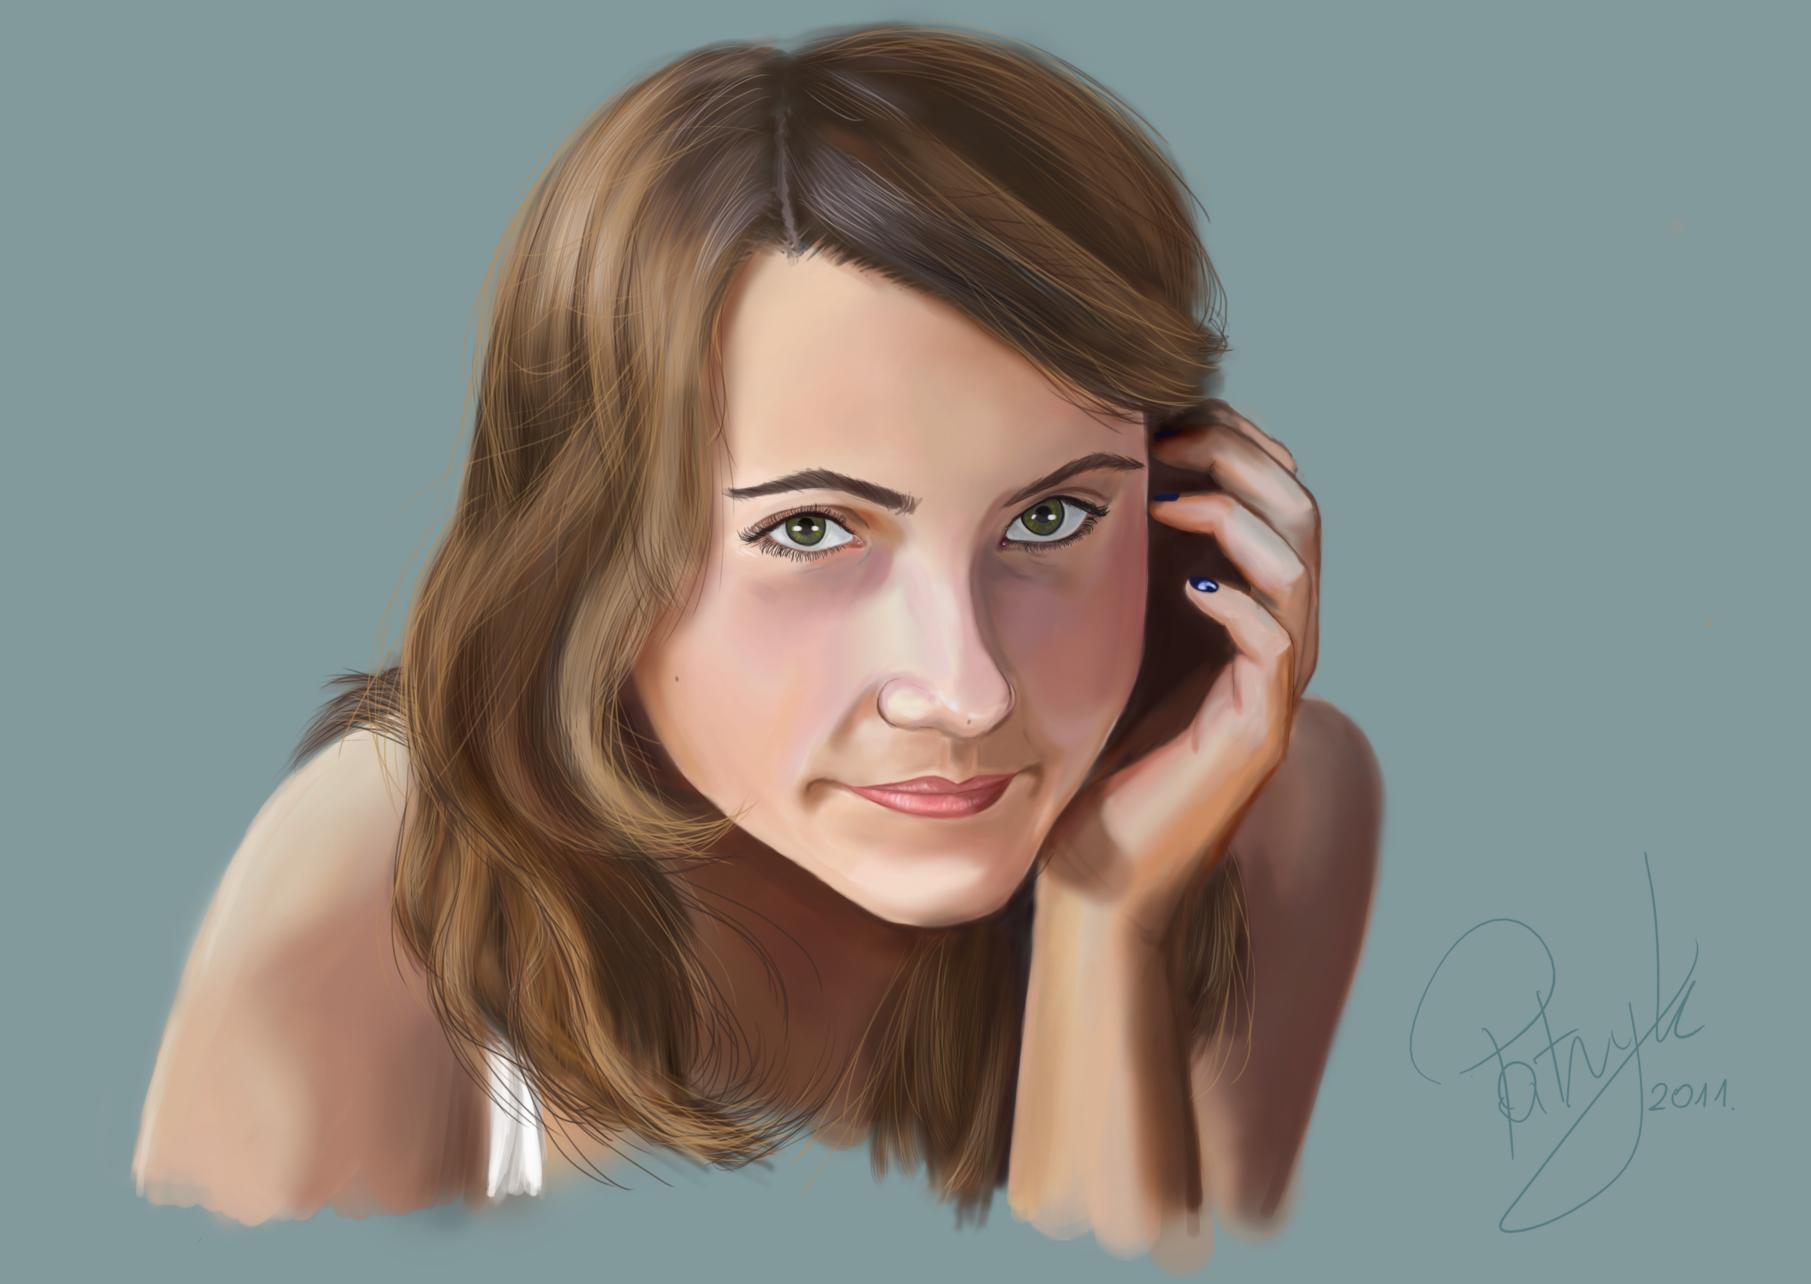 Dziewczęca twarz